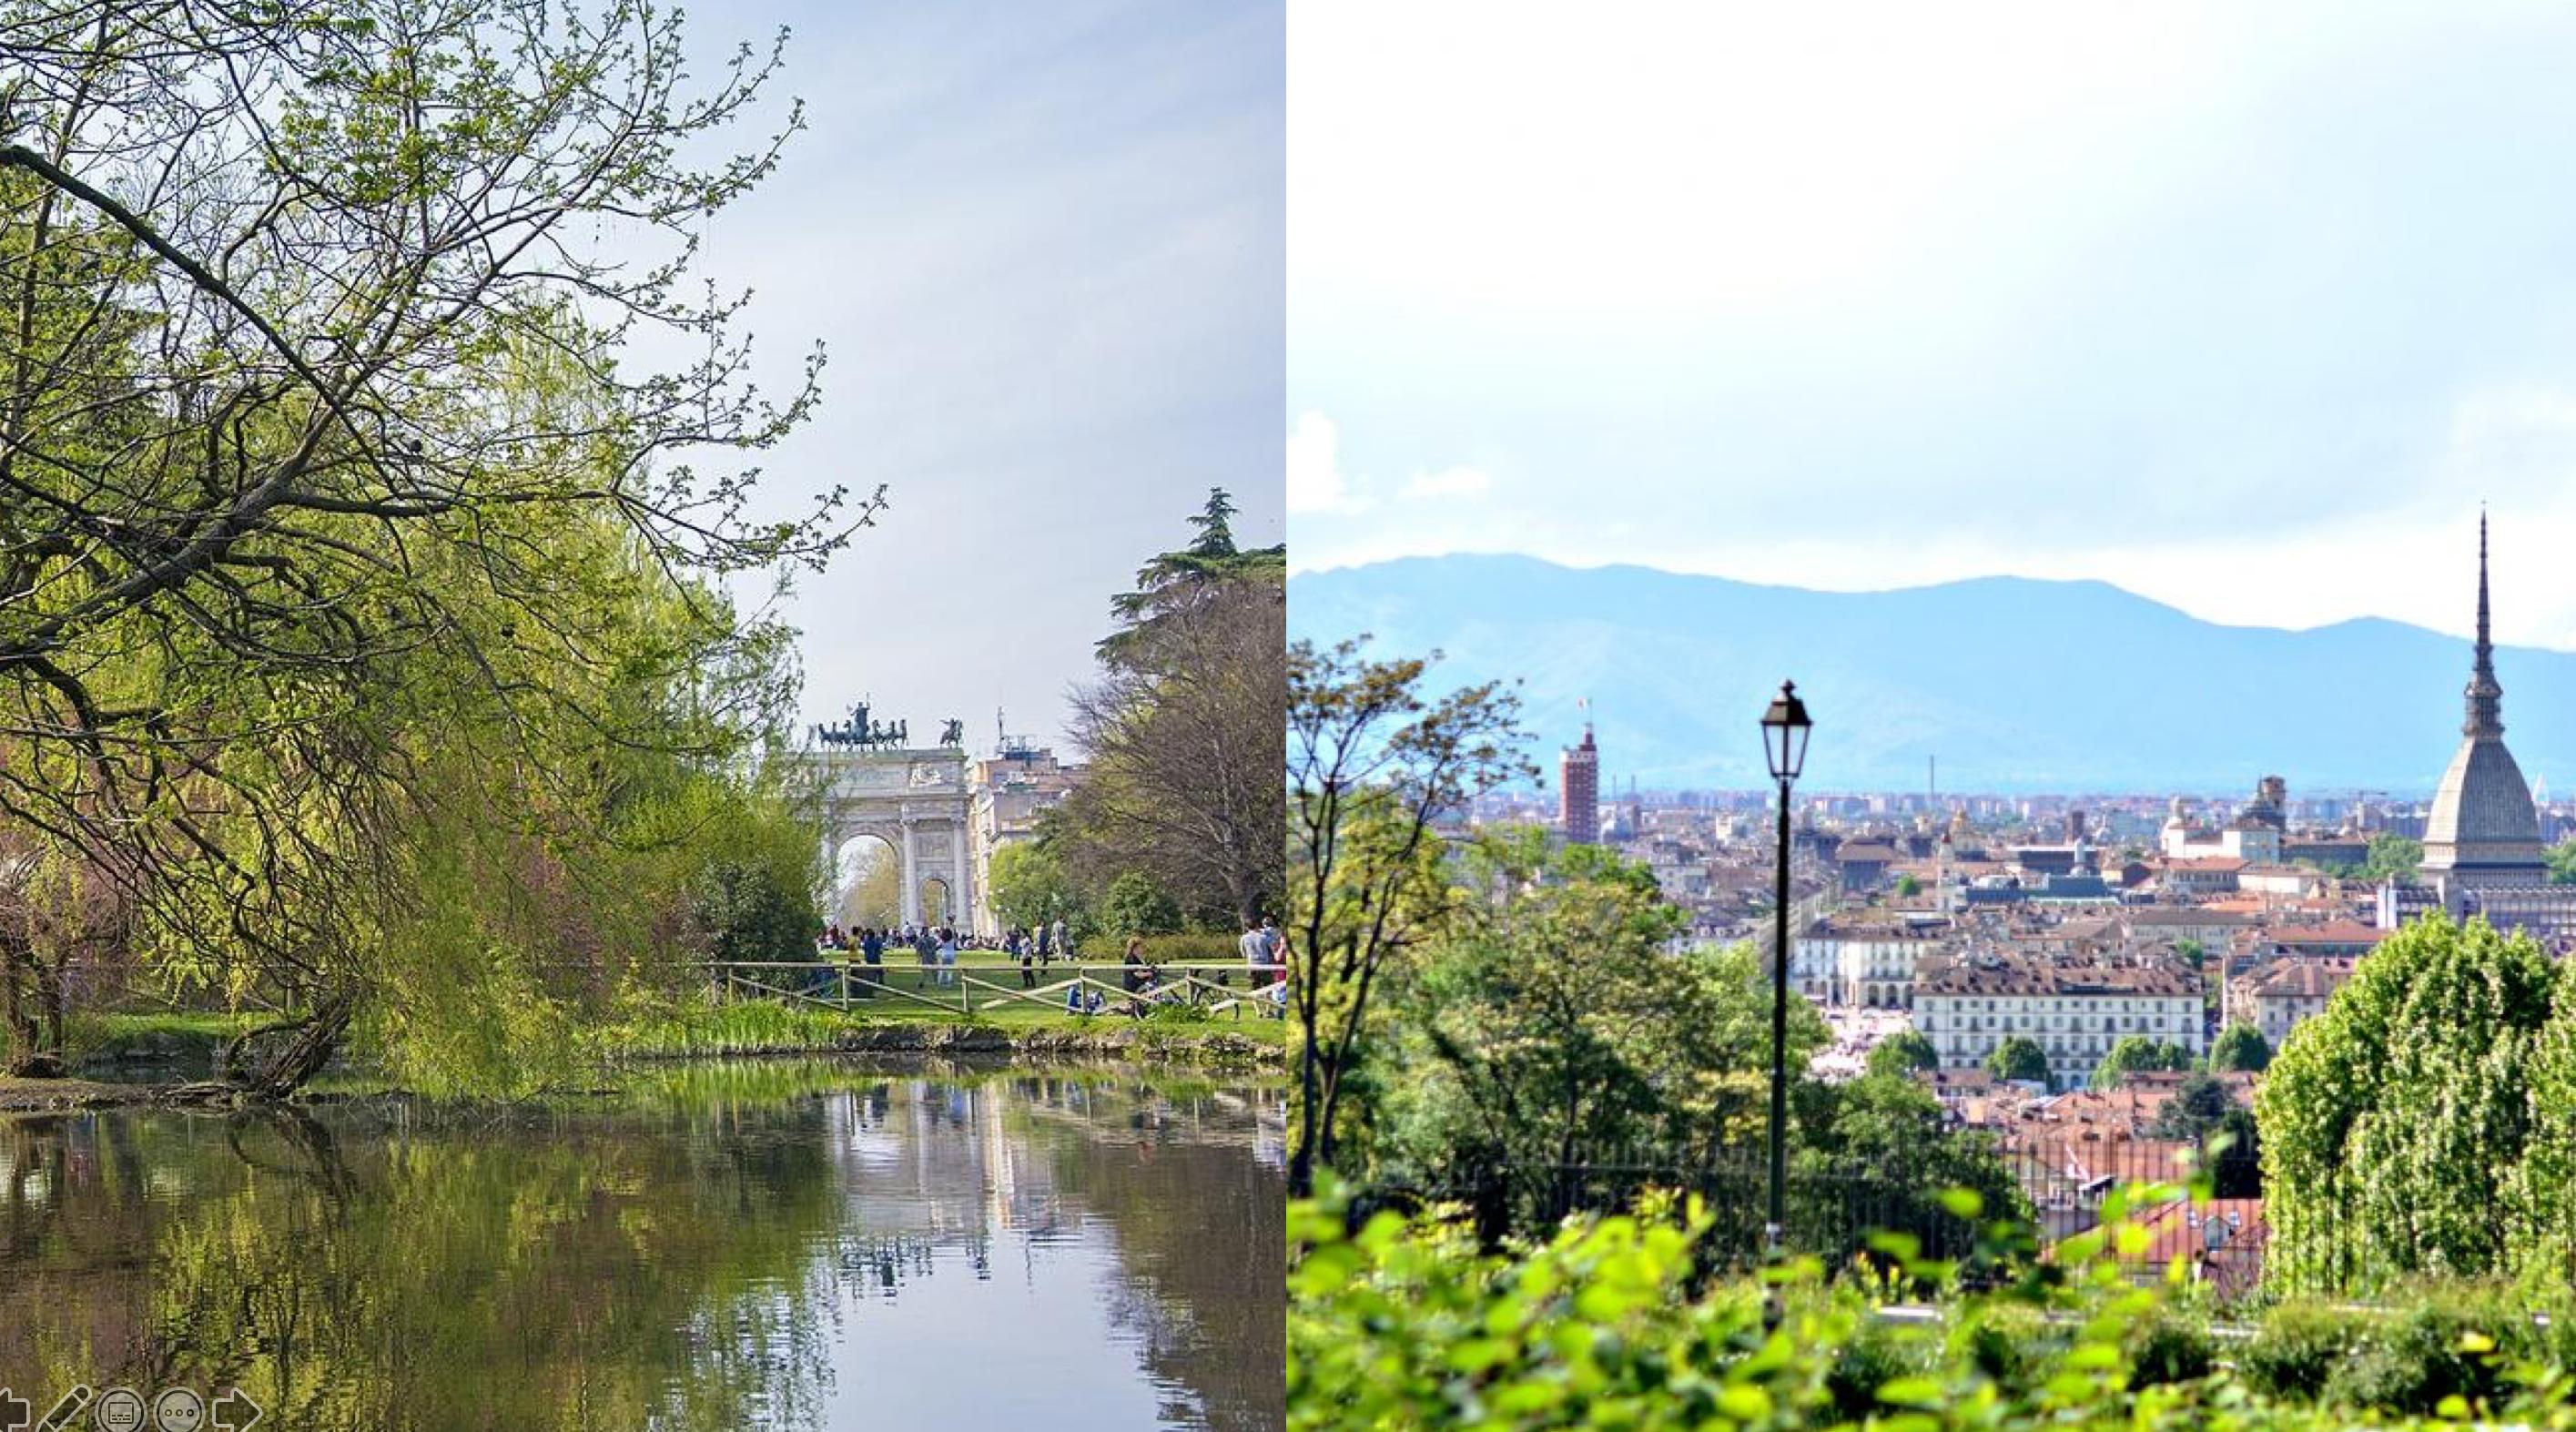 Torino-Milano: la sfida ai cambiamenti climatici. Il 21 Novembre gli Stati Generali del Verde Pubblico di Torino e il WFUF Milano Calling